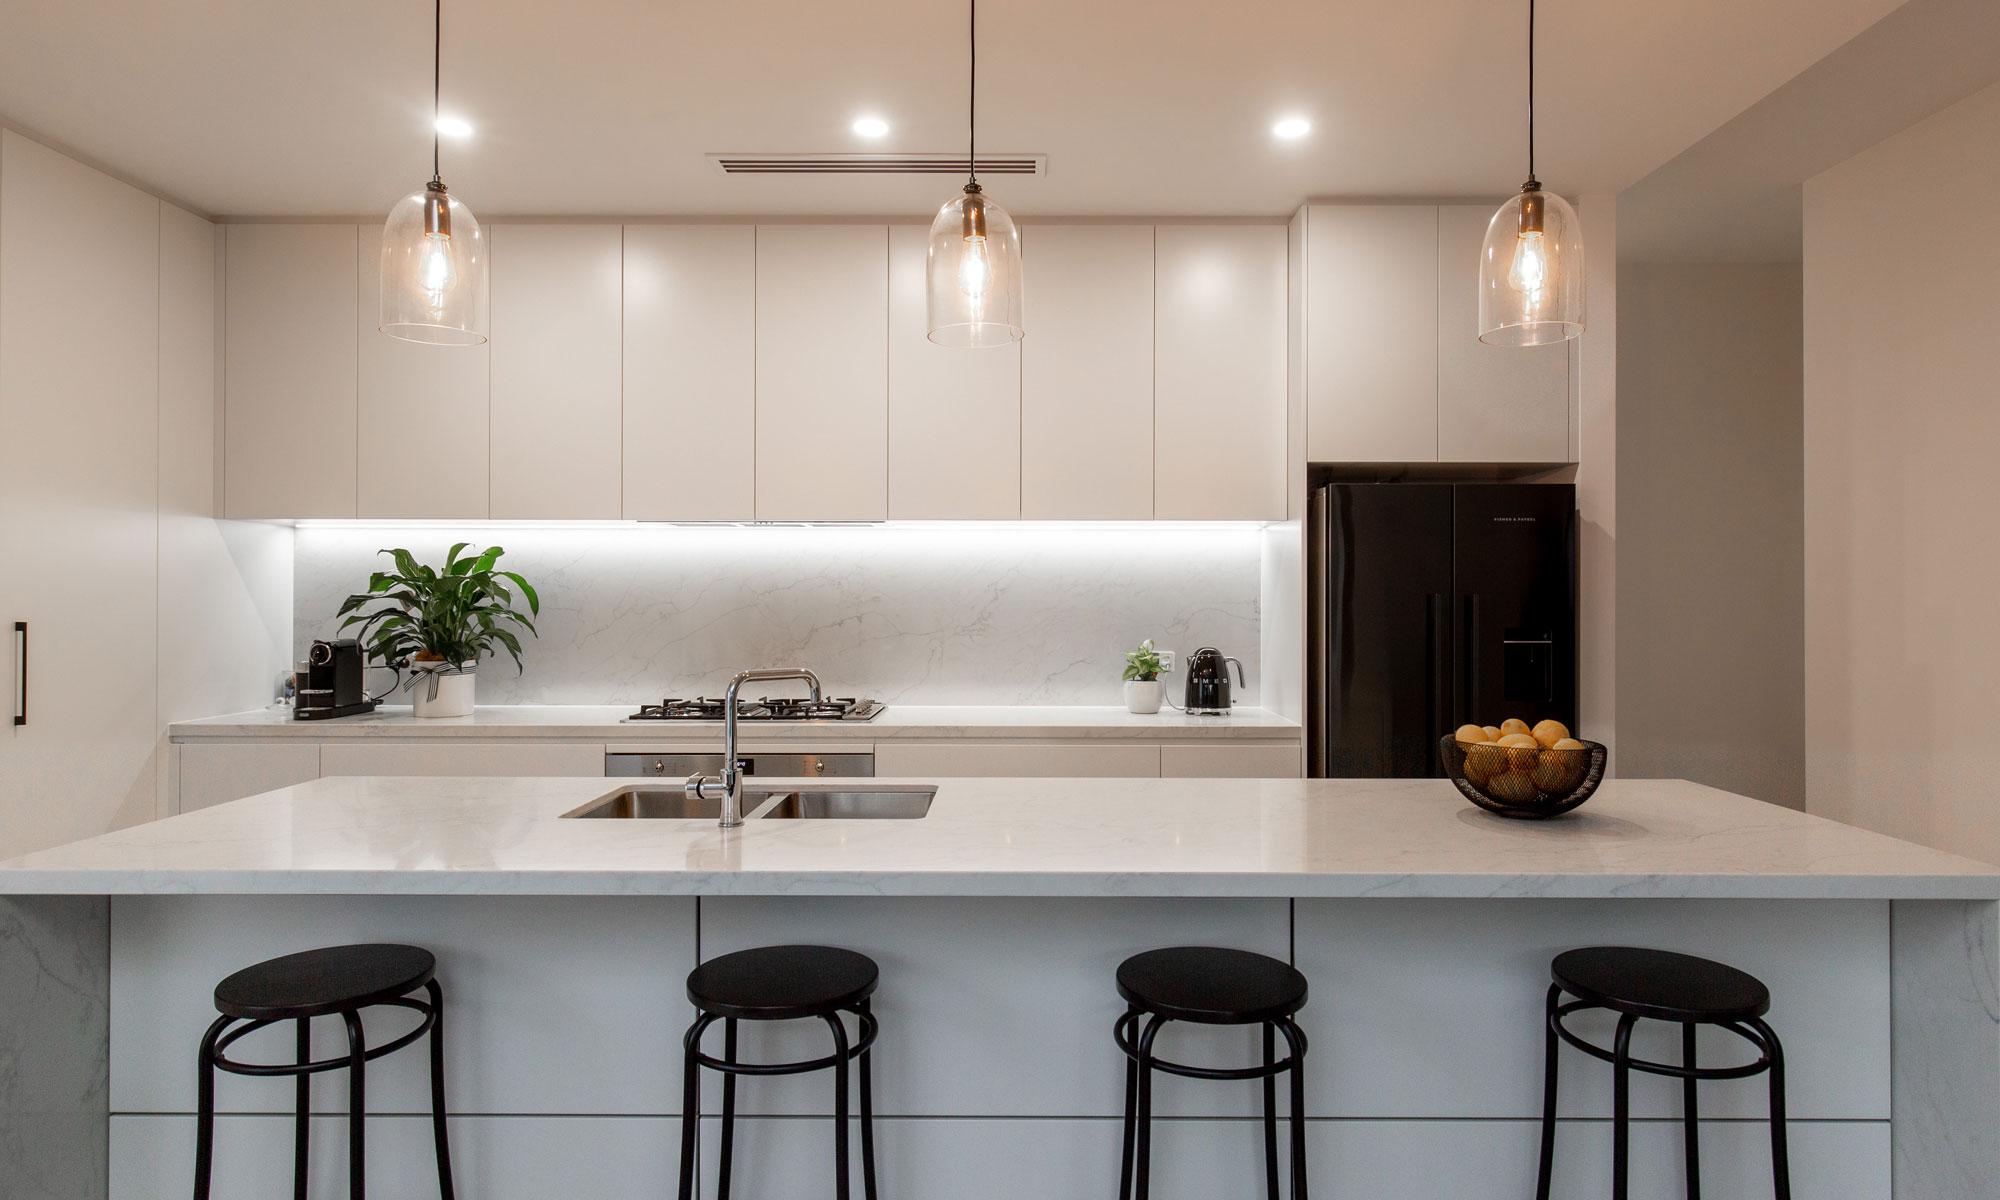 Somerton Park Normus Homes Luxury Kitchen